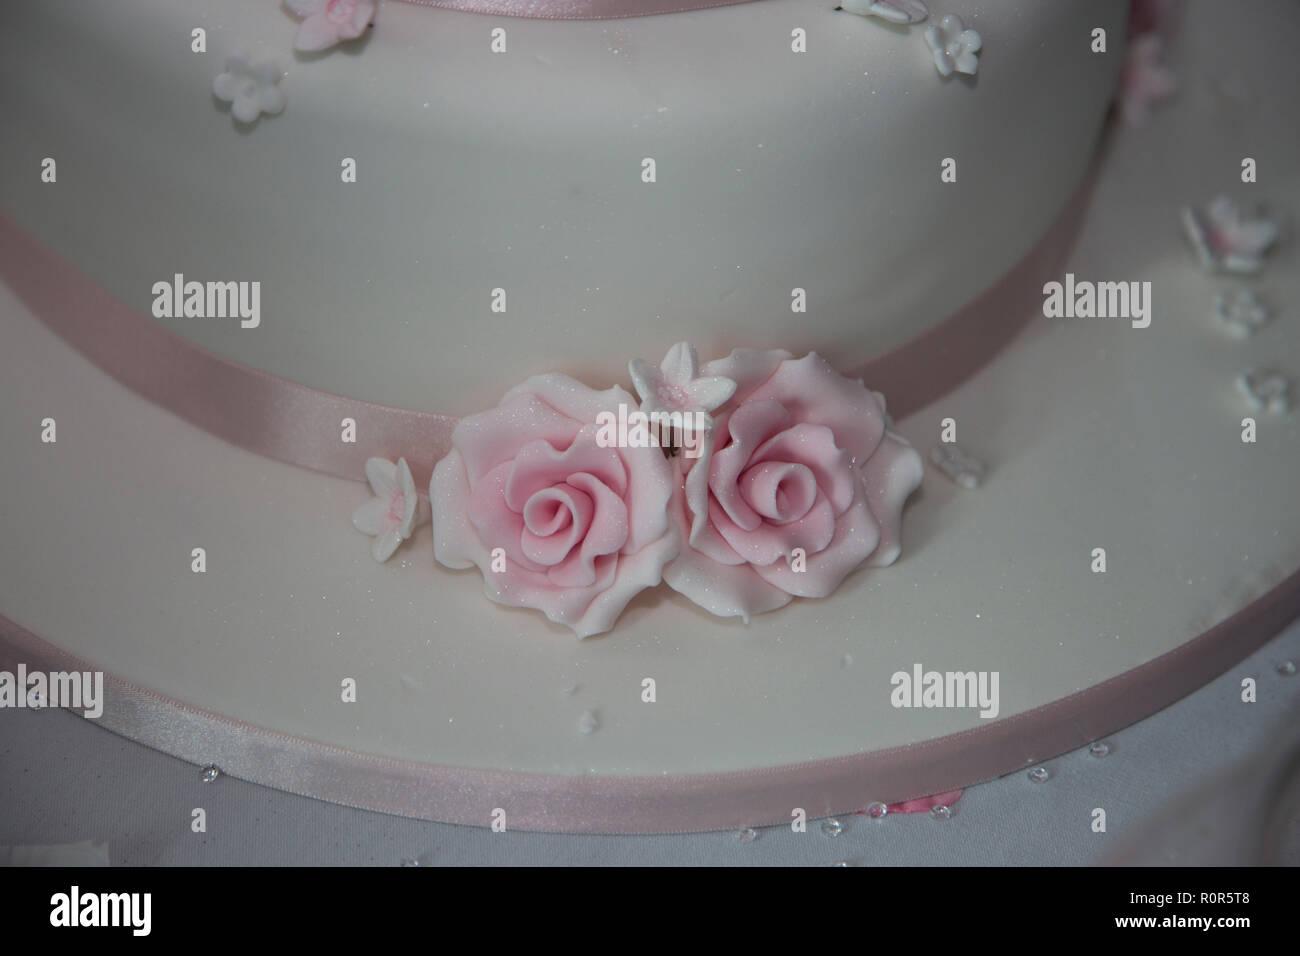 3 Tier White Wedding Cake Photos 3 Tier White Wedding Cake Images